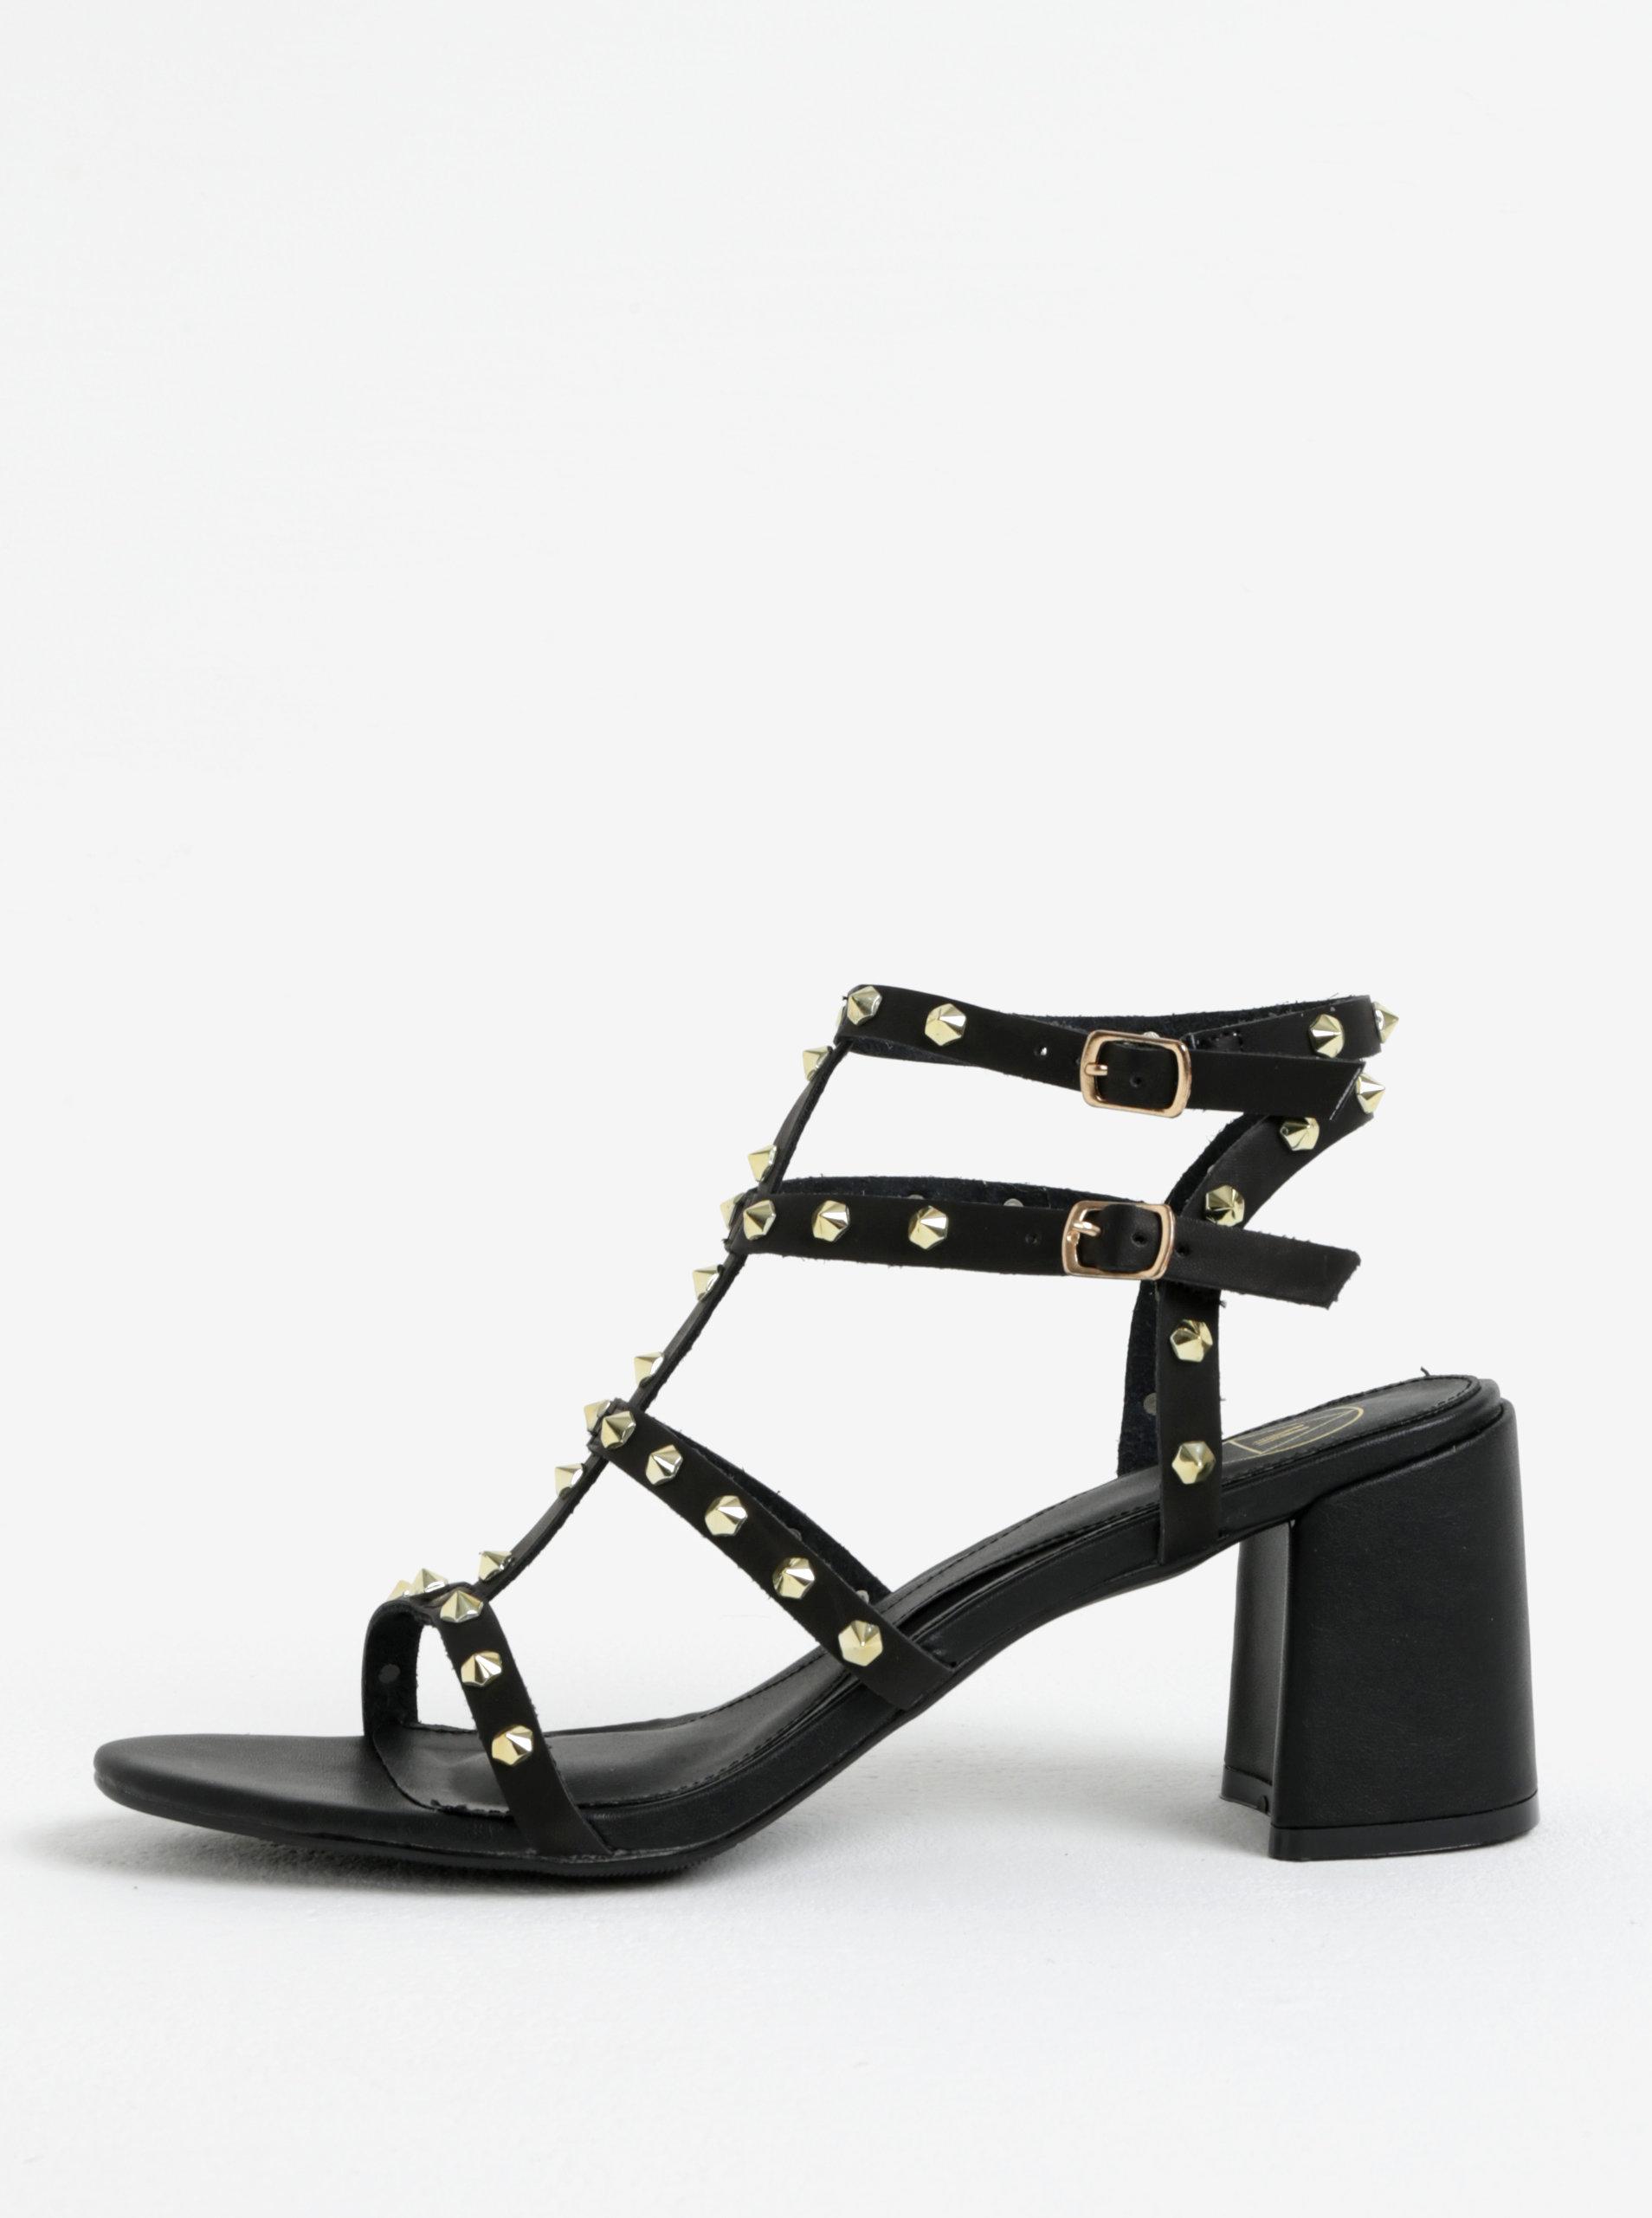 4b7b2a4c9d91 Čierne sandále s aplikáciou v zlatej farbe MISSGUIDED ...